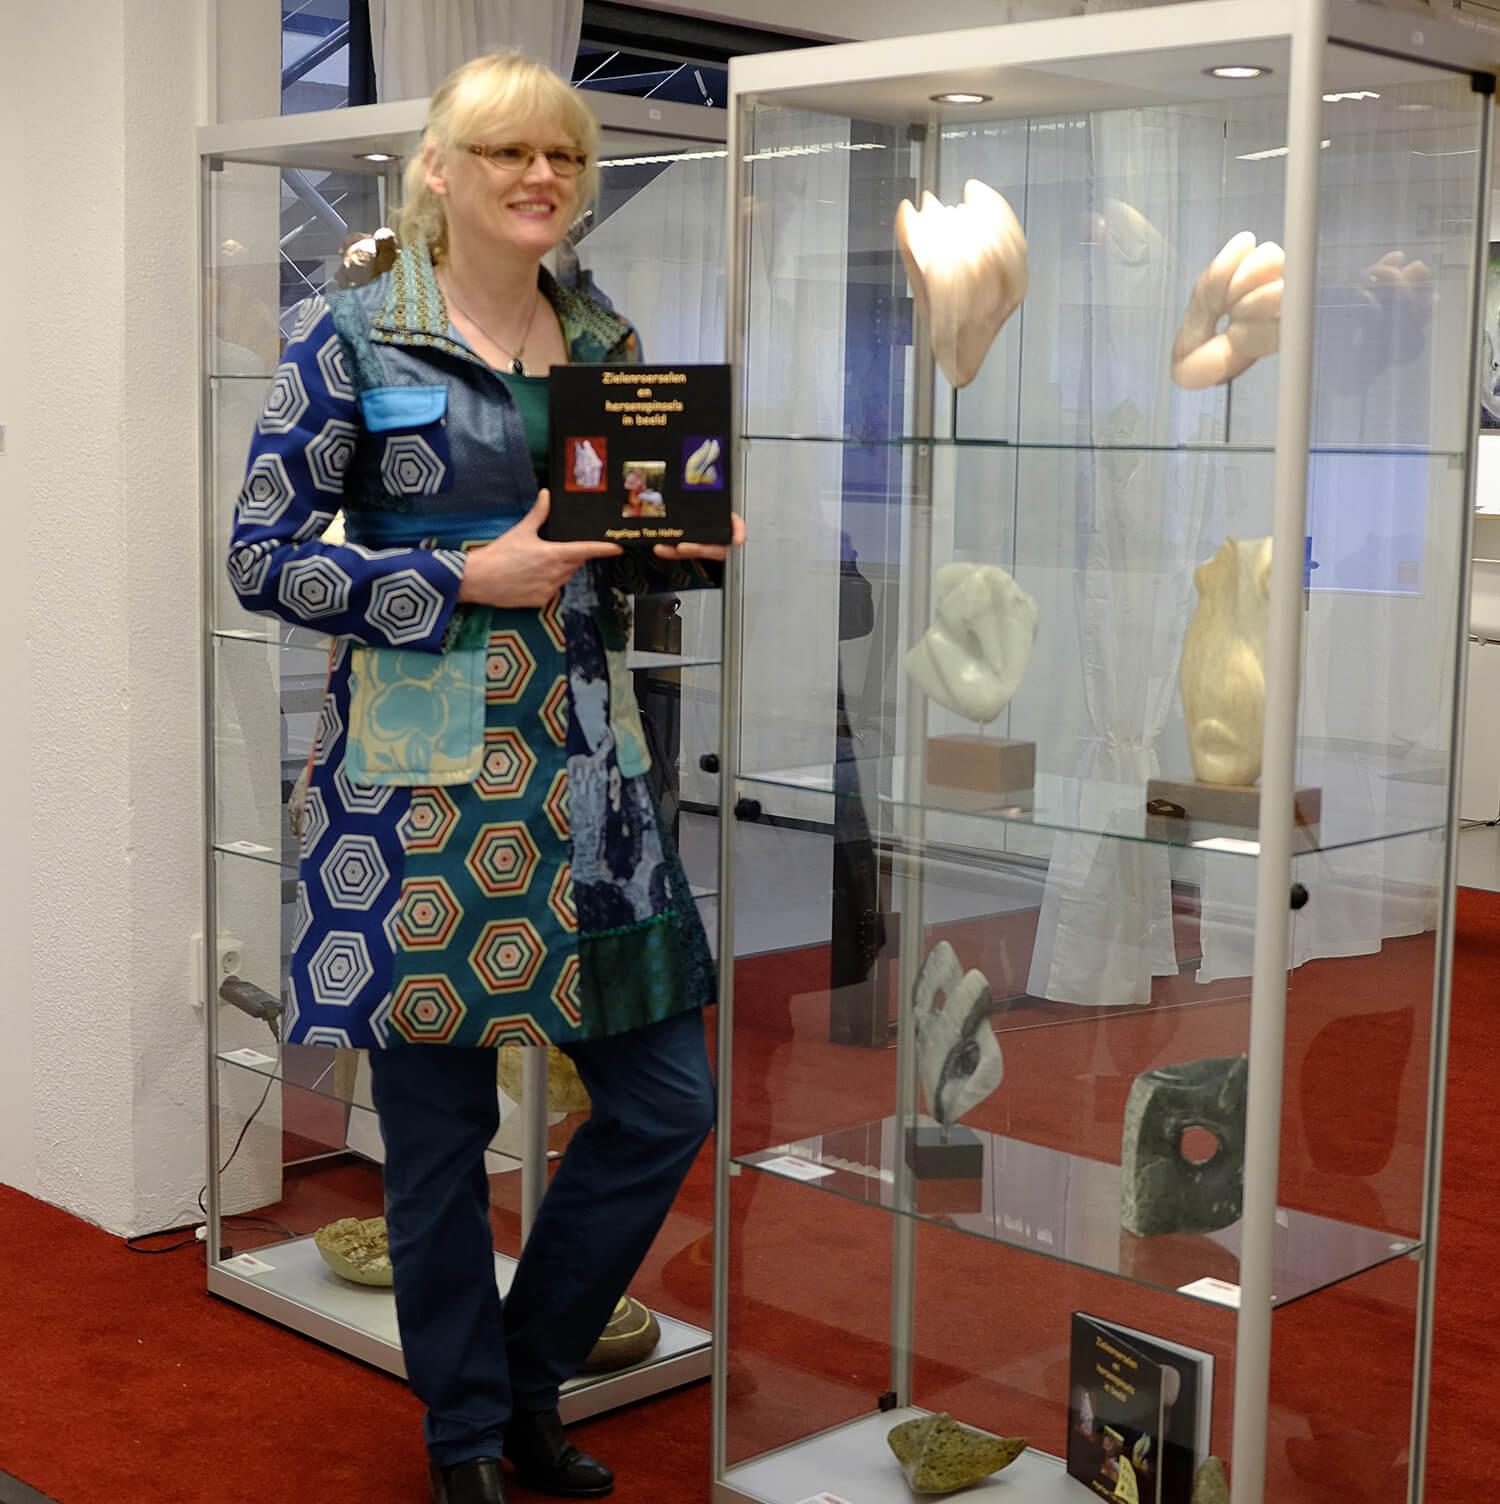 Angelique naast een vitrinekast met haar beelden